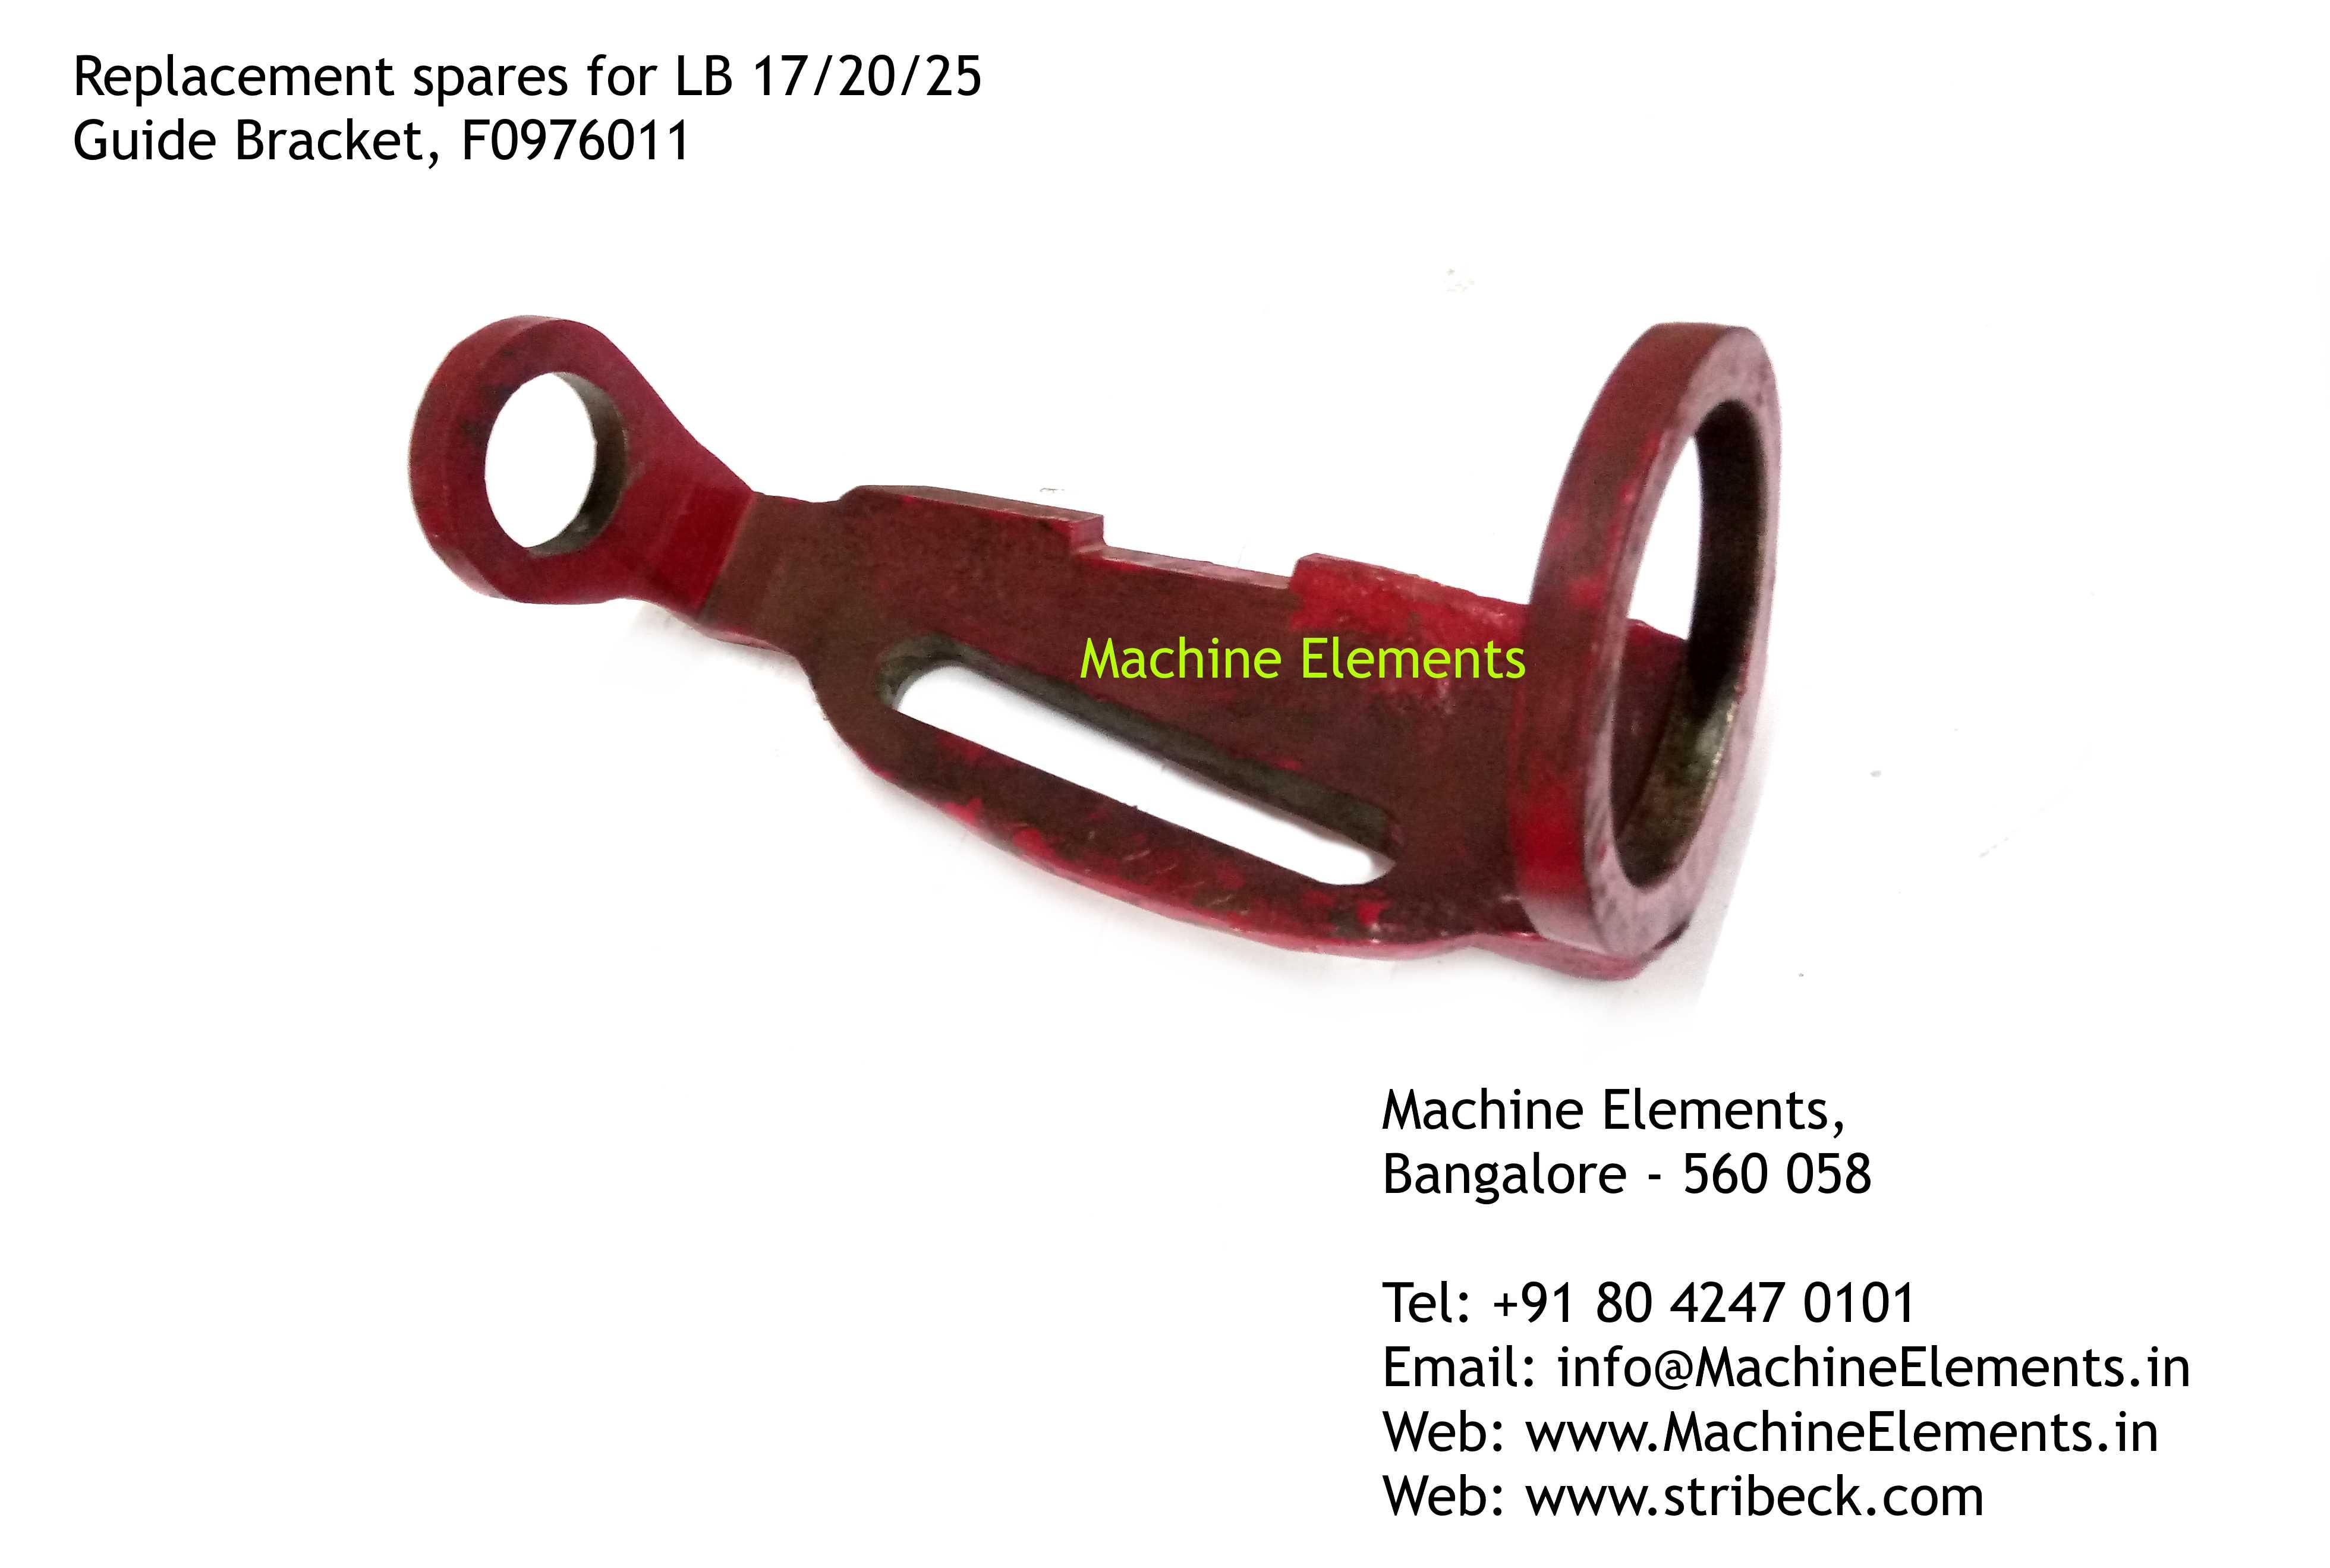 Guide Bracket, F0976011